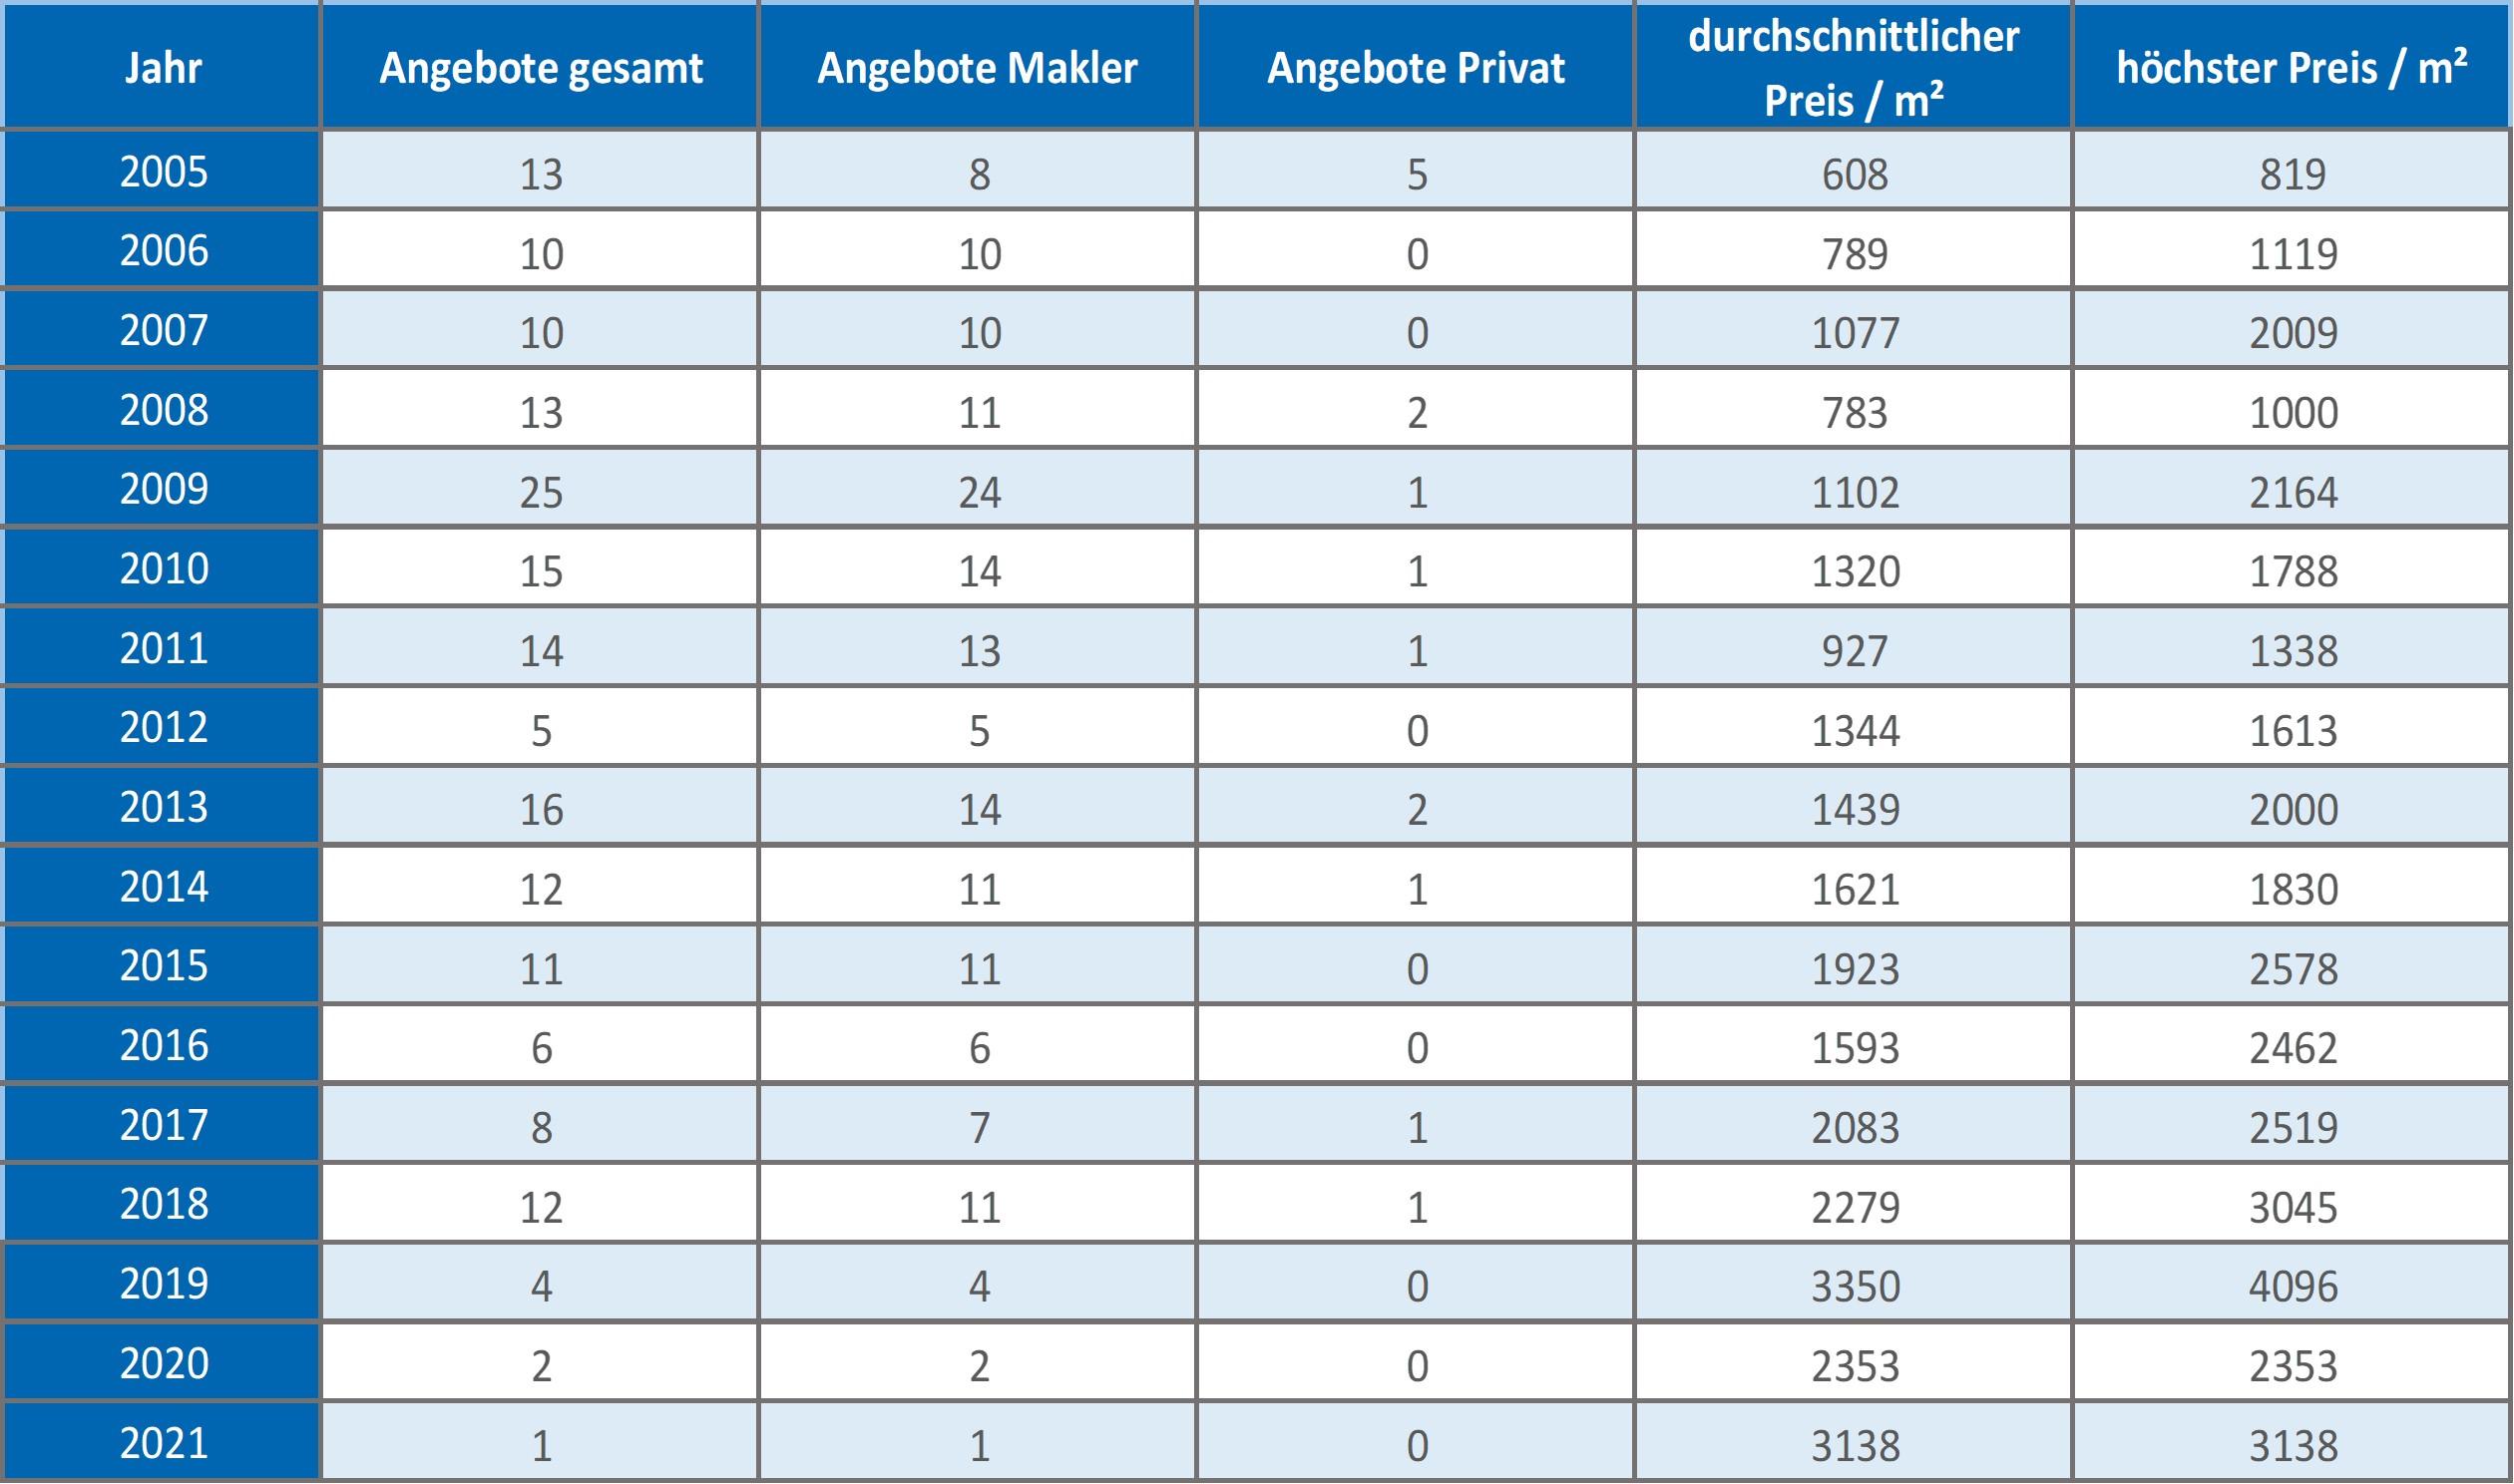 Pullach im Isartal Grundstück kaufen verkaufen Preis Bewertung Makler 2019 2020 2021  www.happy-immo.de